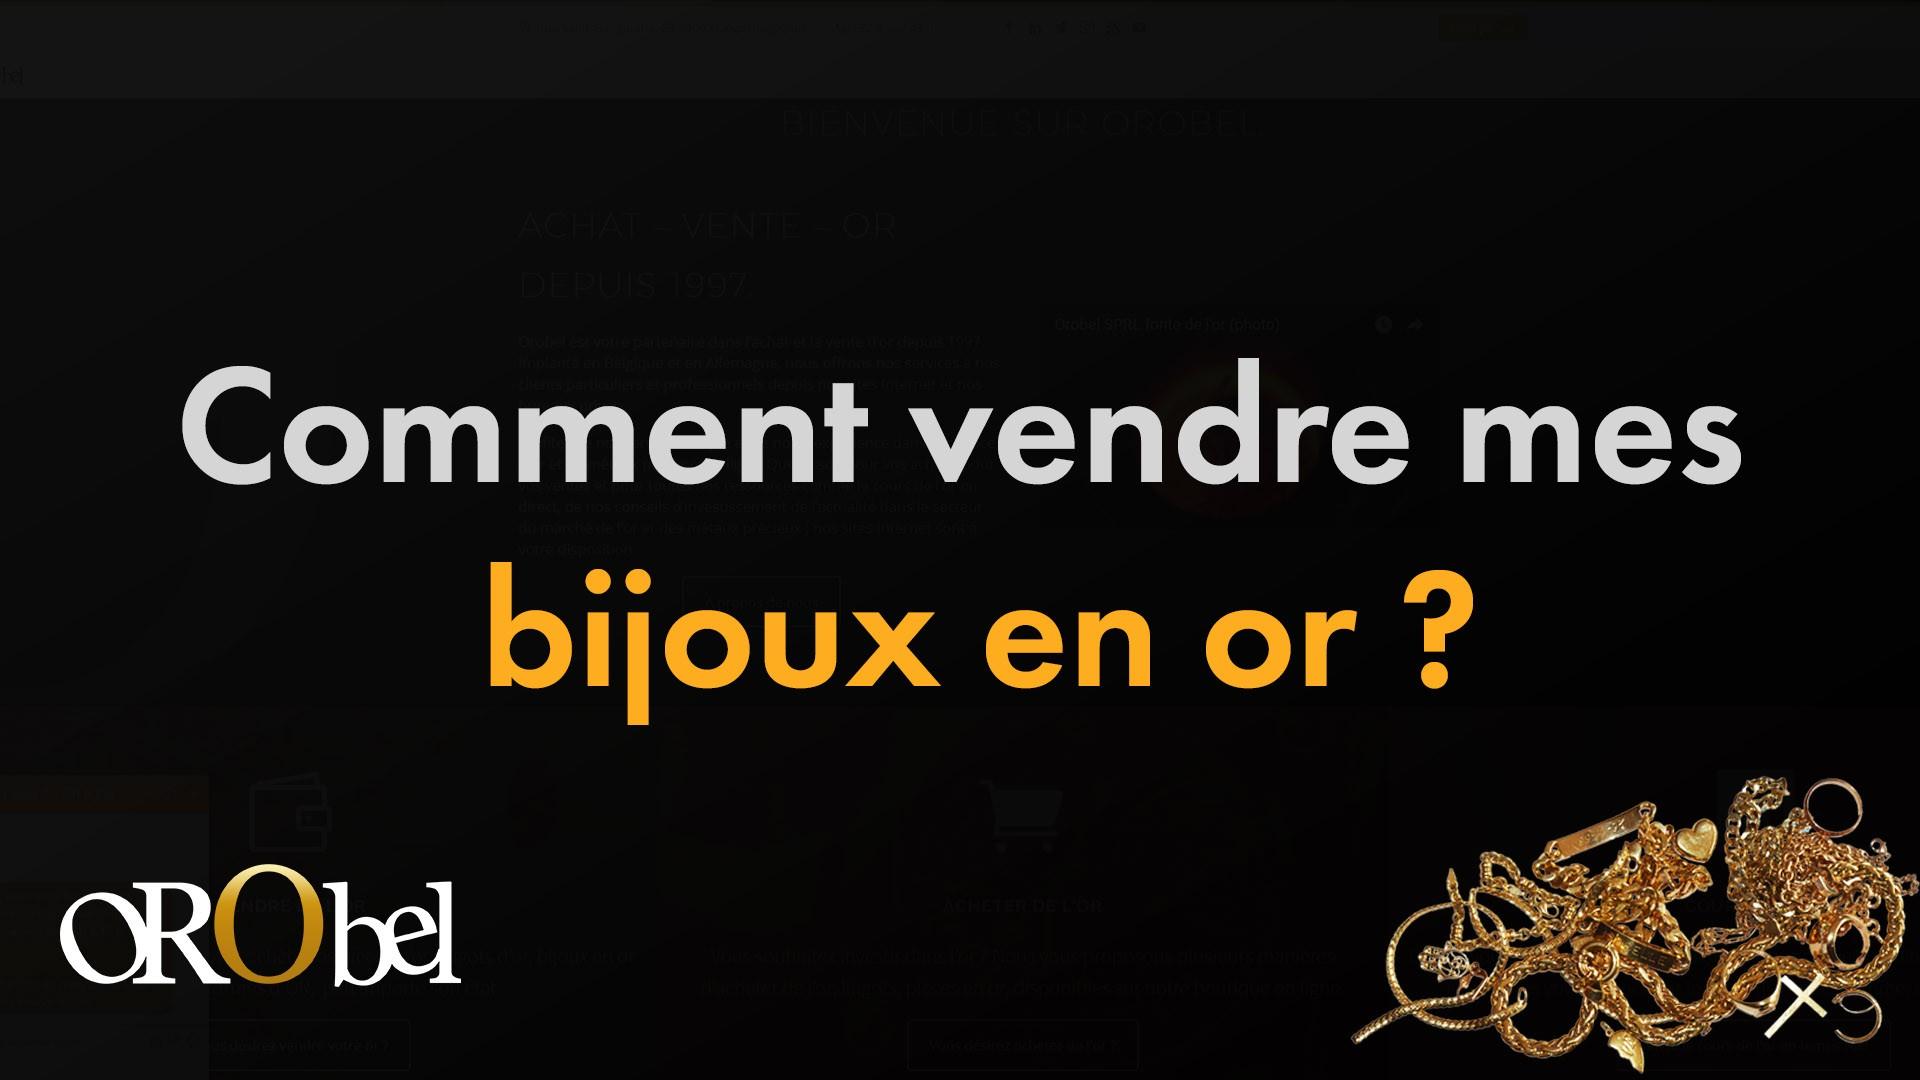 Vendre Vos Bijoux En Or Au Meilleur Prix Et Cash Estimation